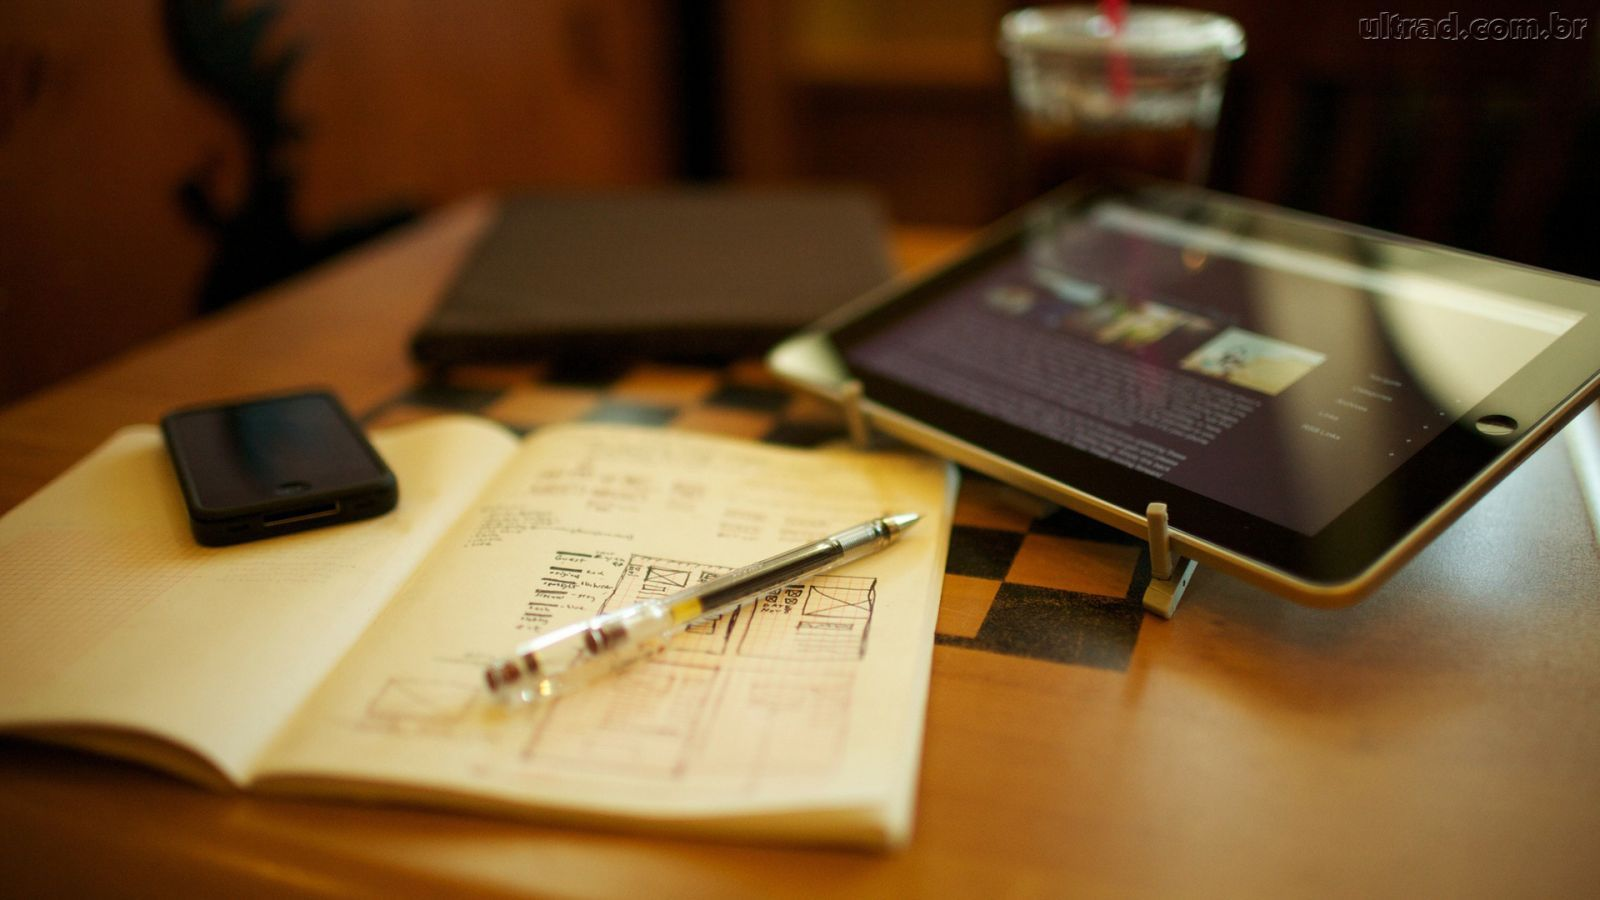 Fundos escritorio, mesa, jornal